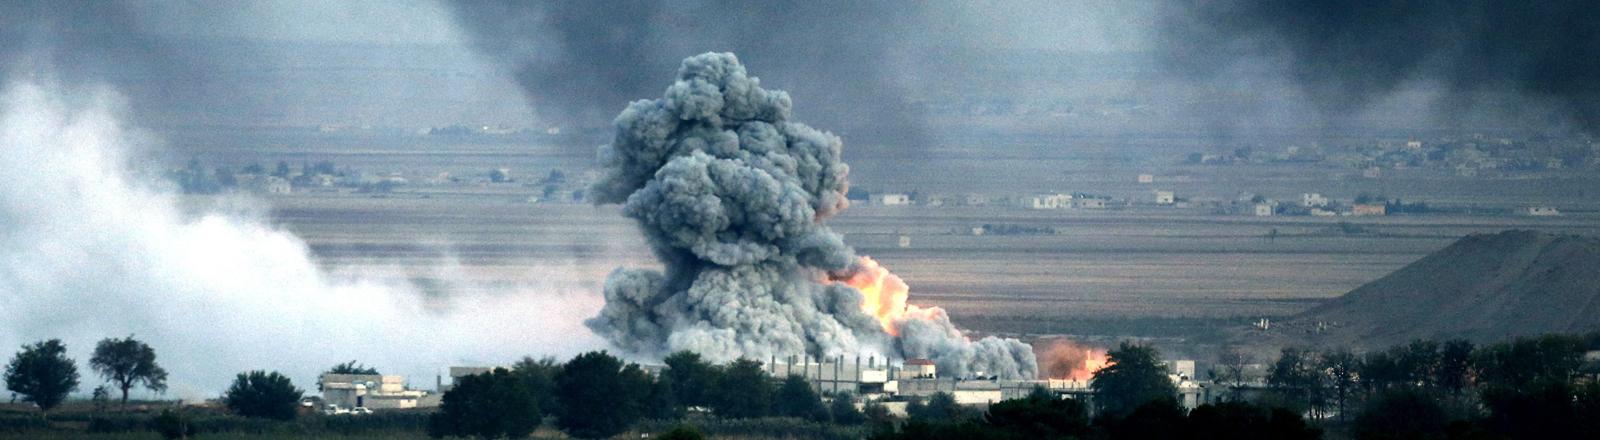 In der Stadt Kobane steht bei Kämpfen zwischen Kurden und IS ein Gebäude in Flammen